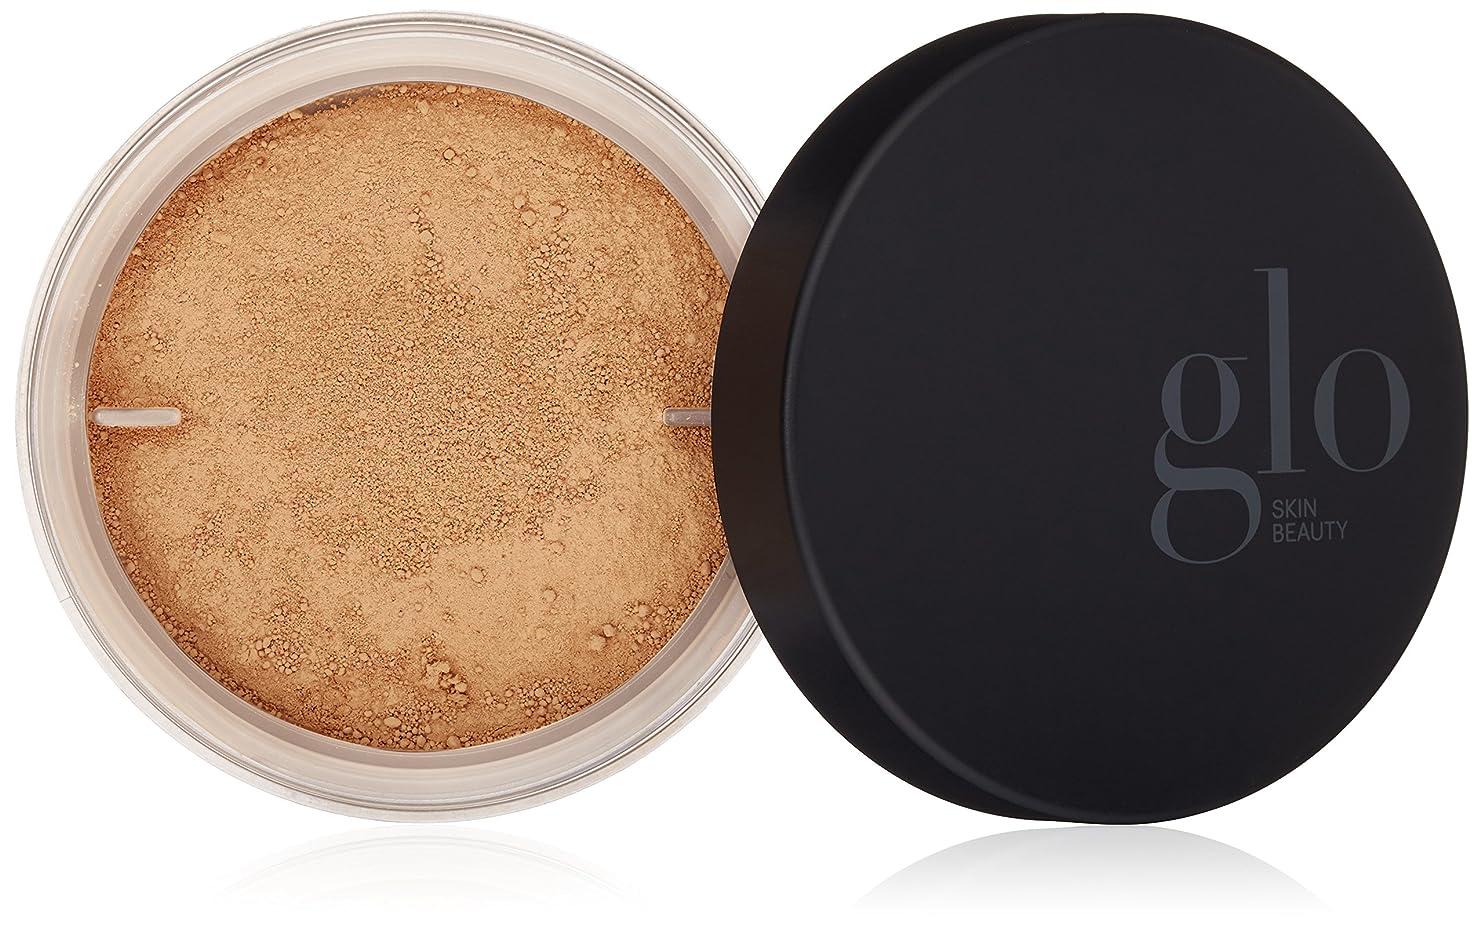 ピカリングピンク刃Glo Skin Beauty Loose Base (Mineral Foundation) - # Honey Medium 14g/0.5oz並行輸入品